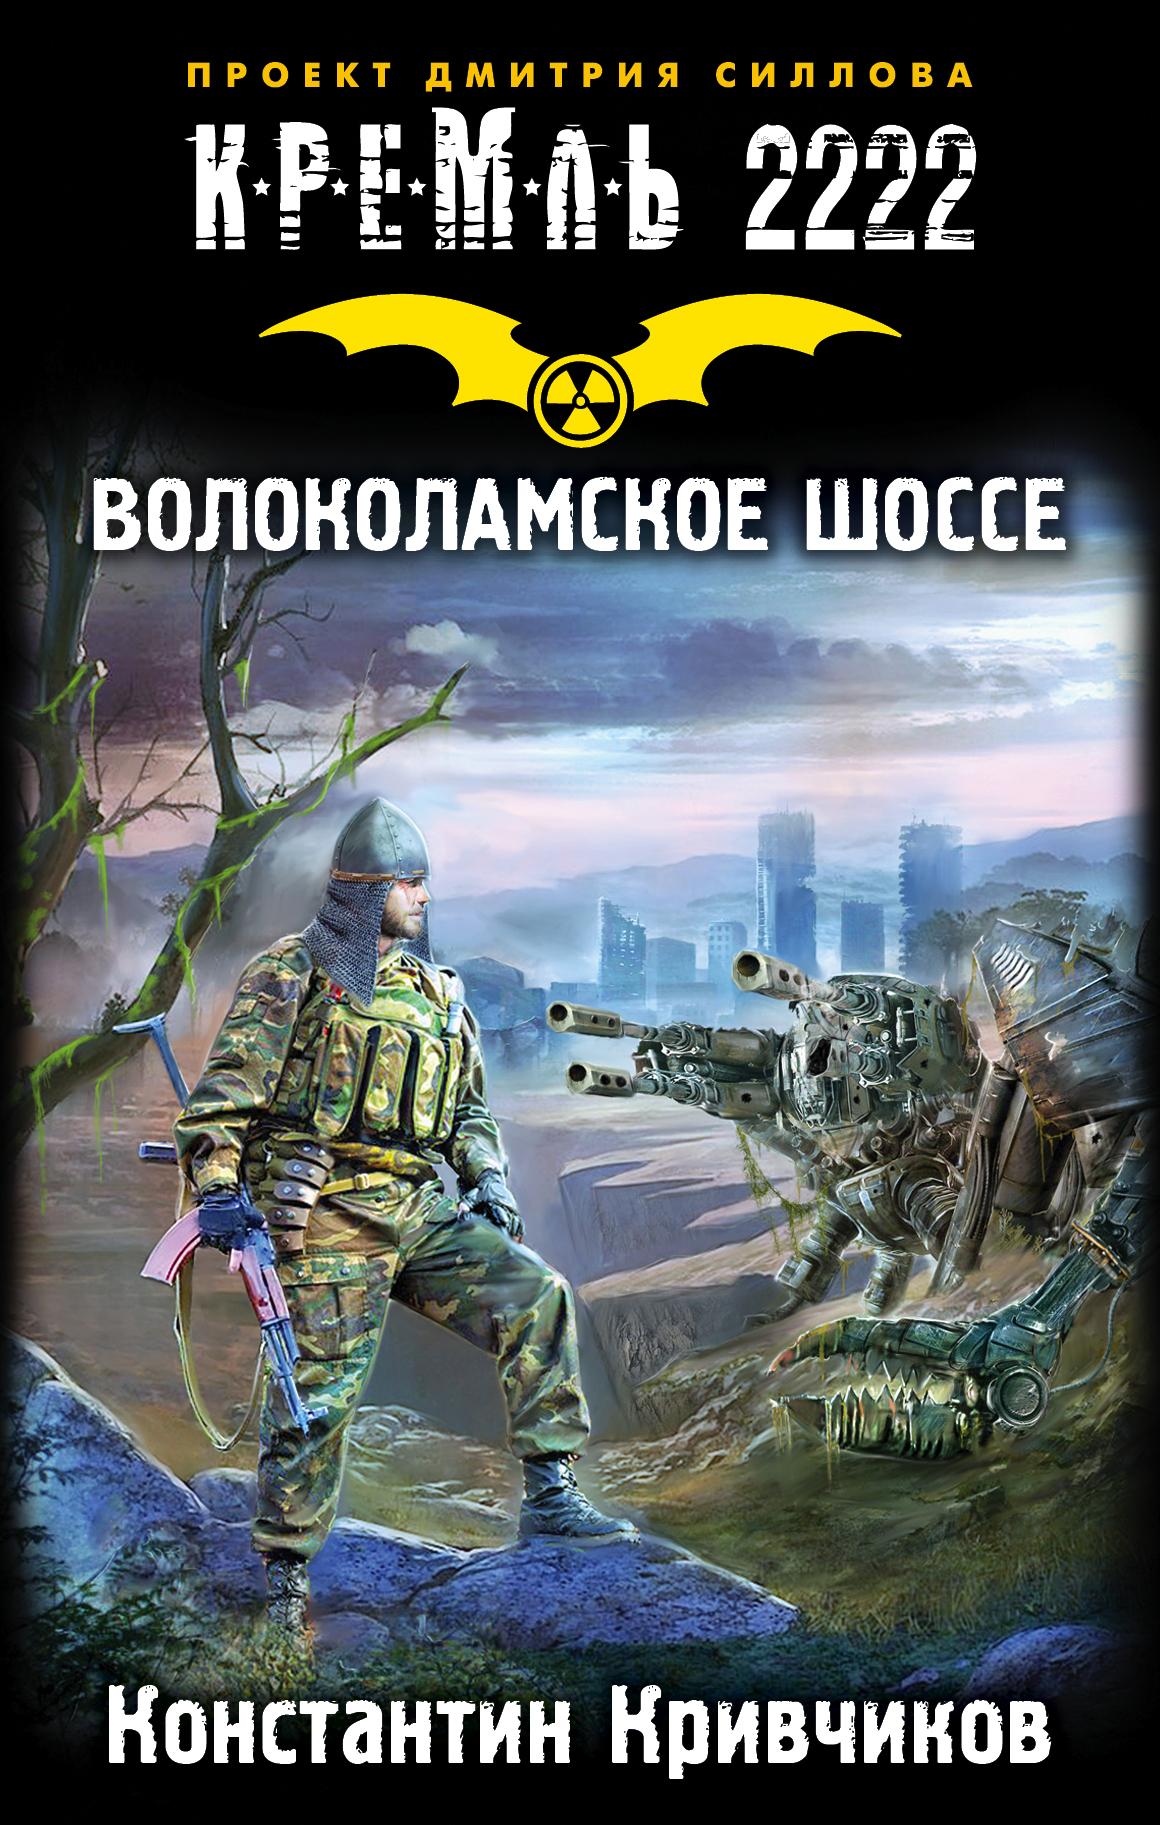 цена Константин Кривчиков Кремль 2222. Волоколамское шоссе онлайн в 2017 году